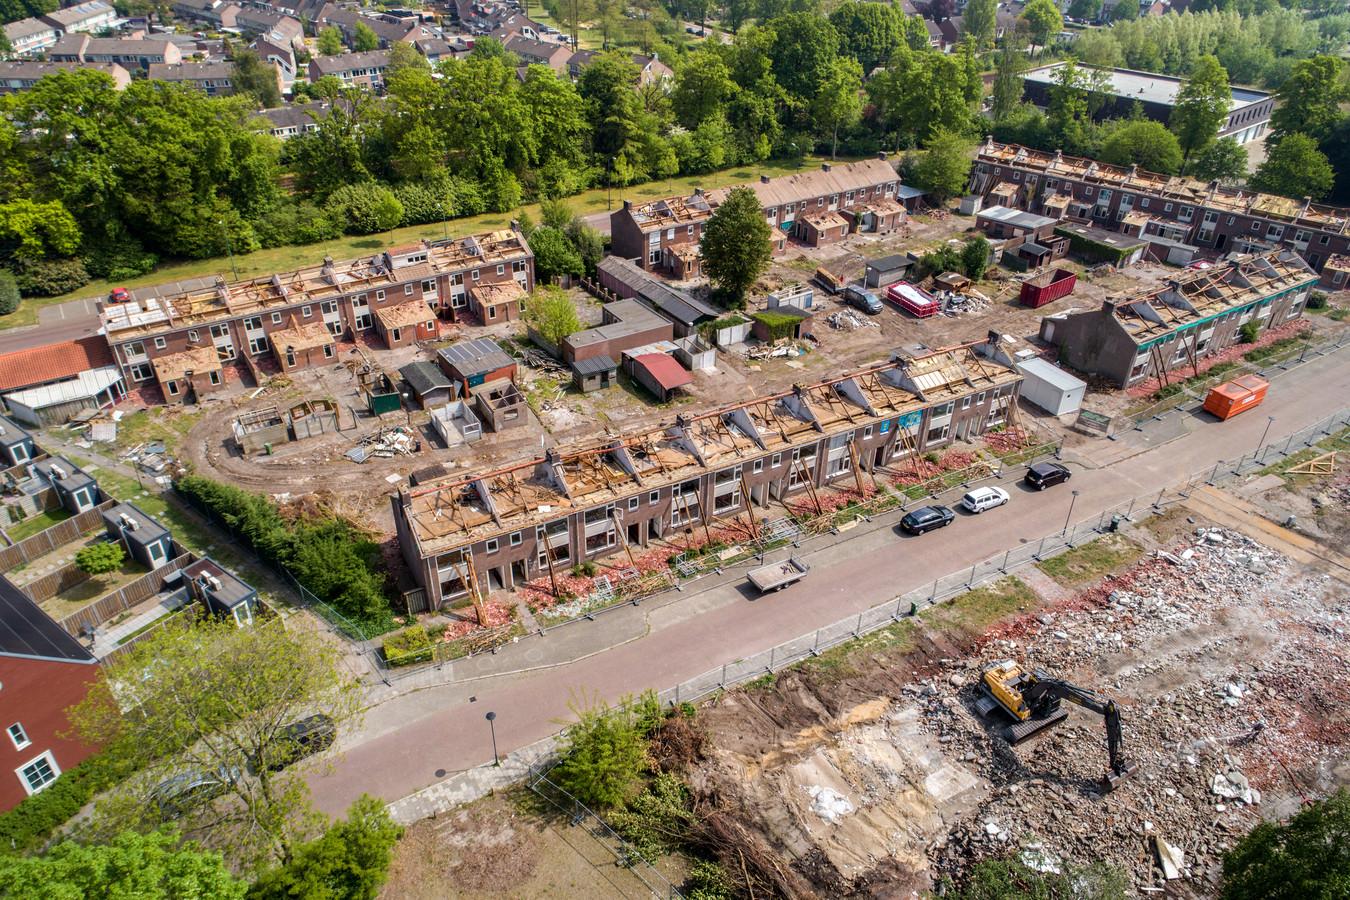 De Grote Zeeheldenbuurt in Vught ligt inmiddels helemaal plat en wordt herbouwd. De 78 gesloopte woningen in het gebied Esschestraat, Michiel de Ruyterweg en Maarten Trompstraat maken plaats voor 152 nieuwe woningen en appartementen.